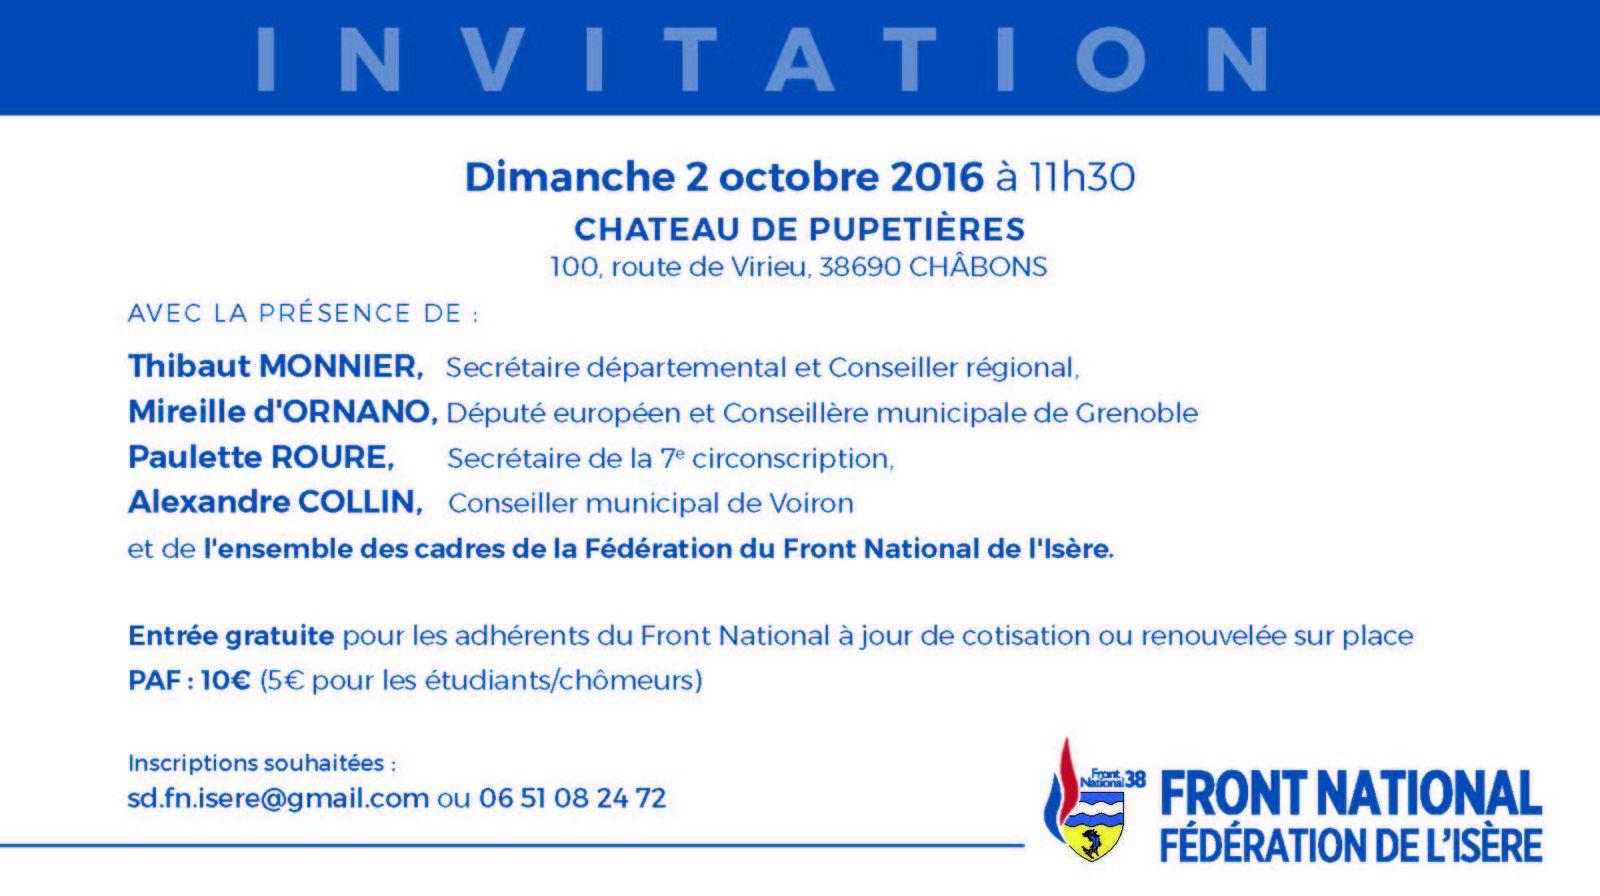 Meeting de David RACHLINE à CHABONS (Isère) ce dimanche 2 octobre 2016